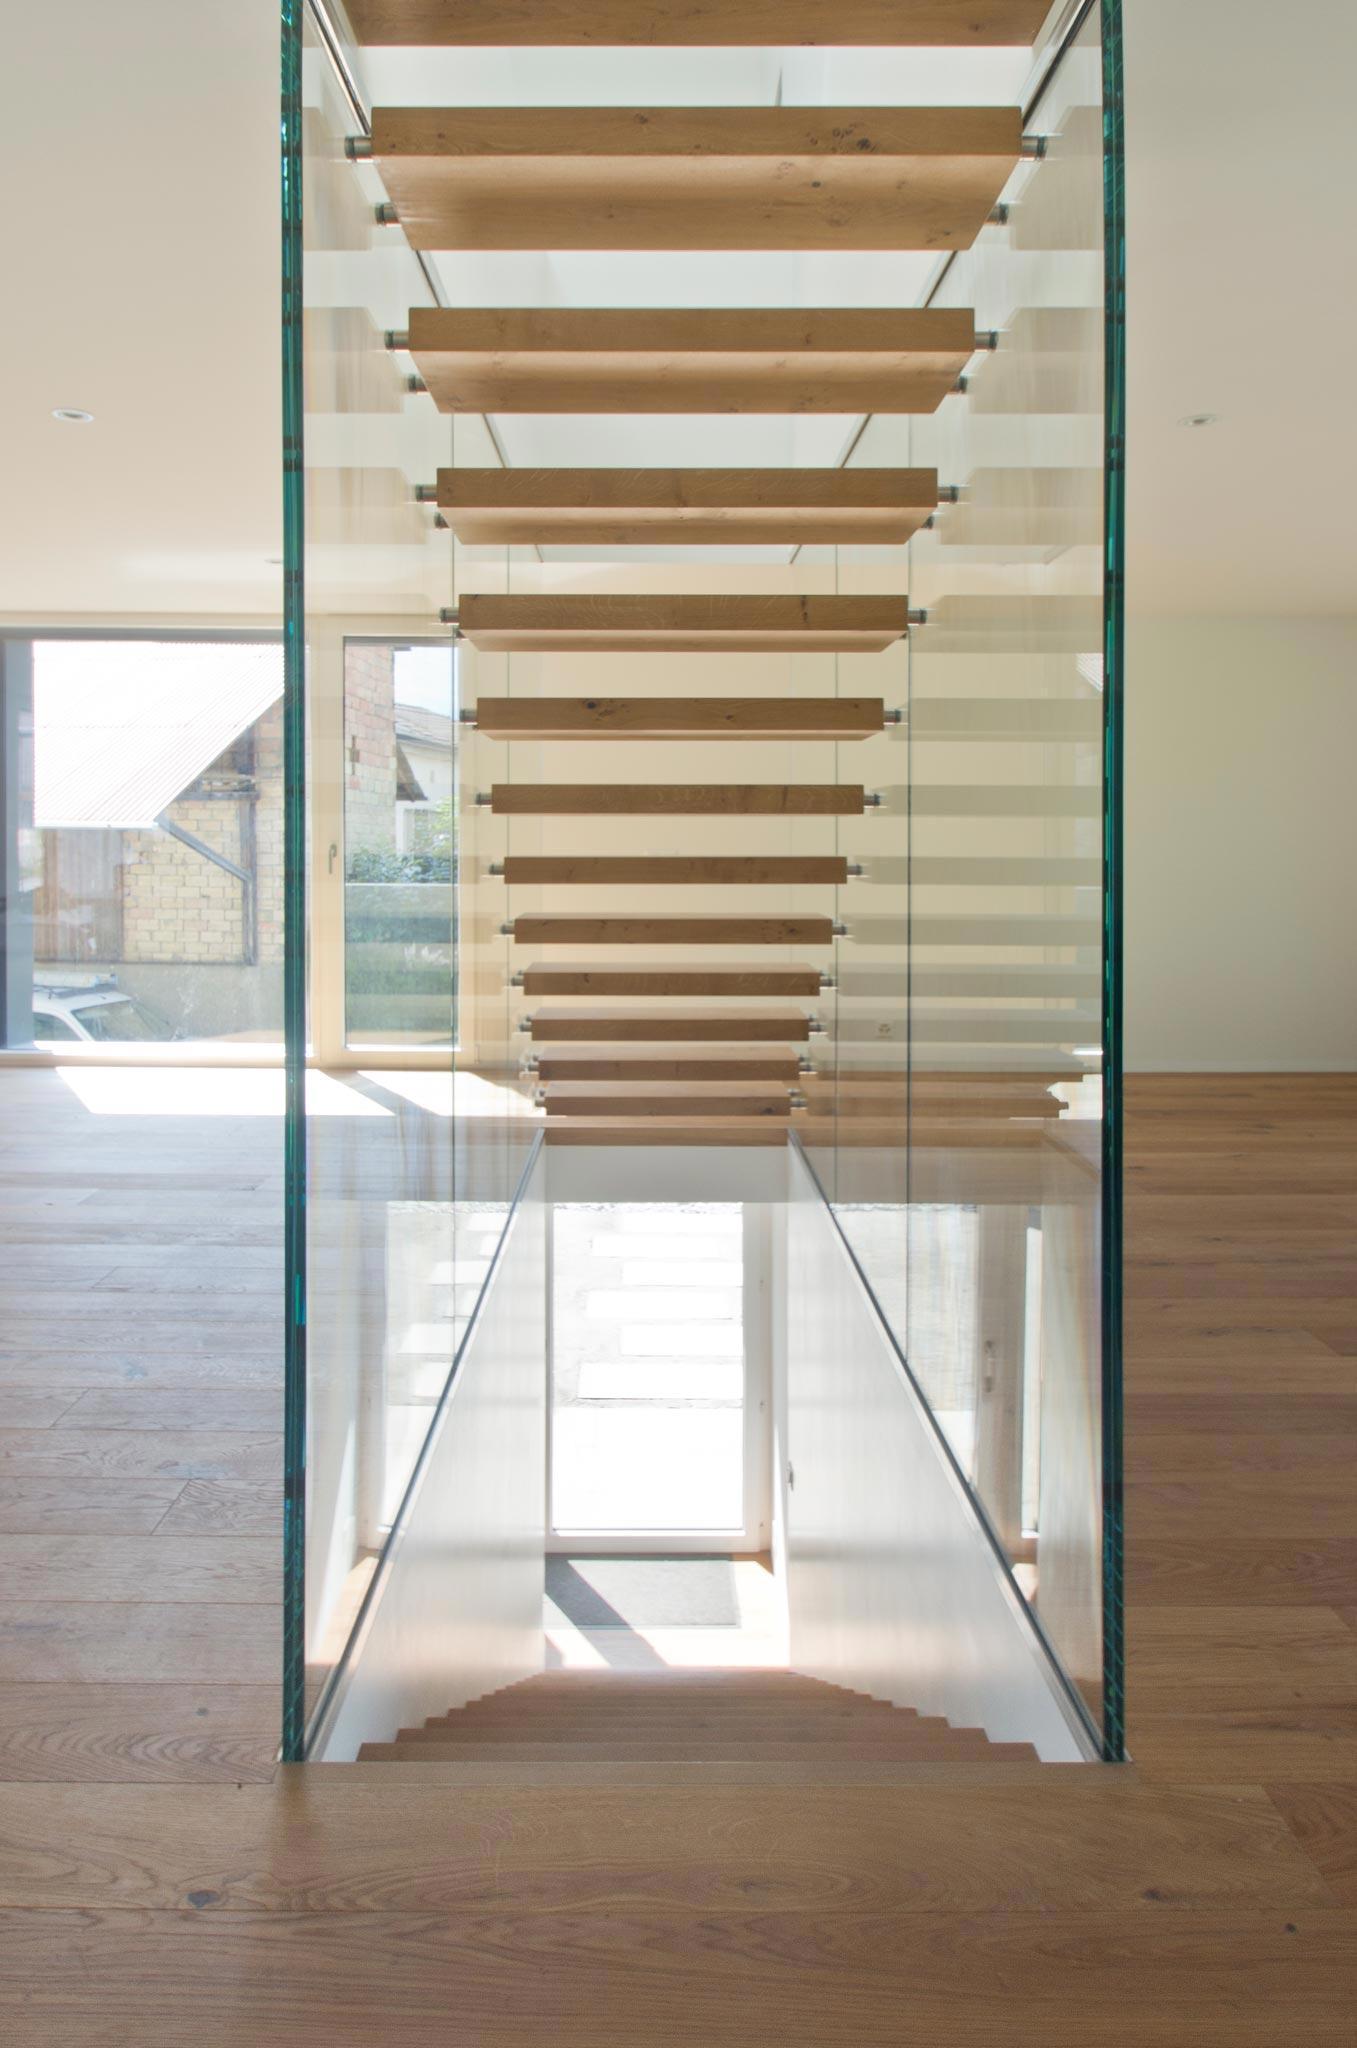 ES Amg escalier vtc 20 05 002 - Montée en transparence